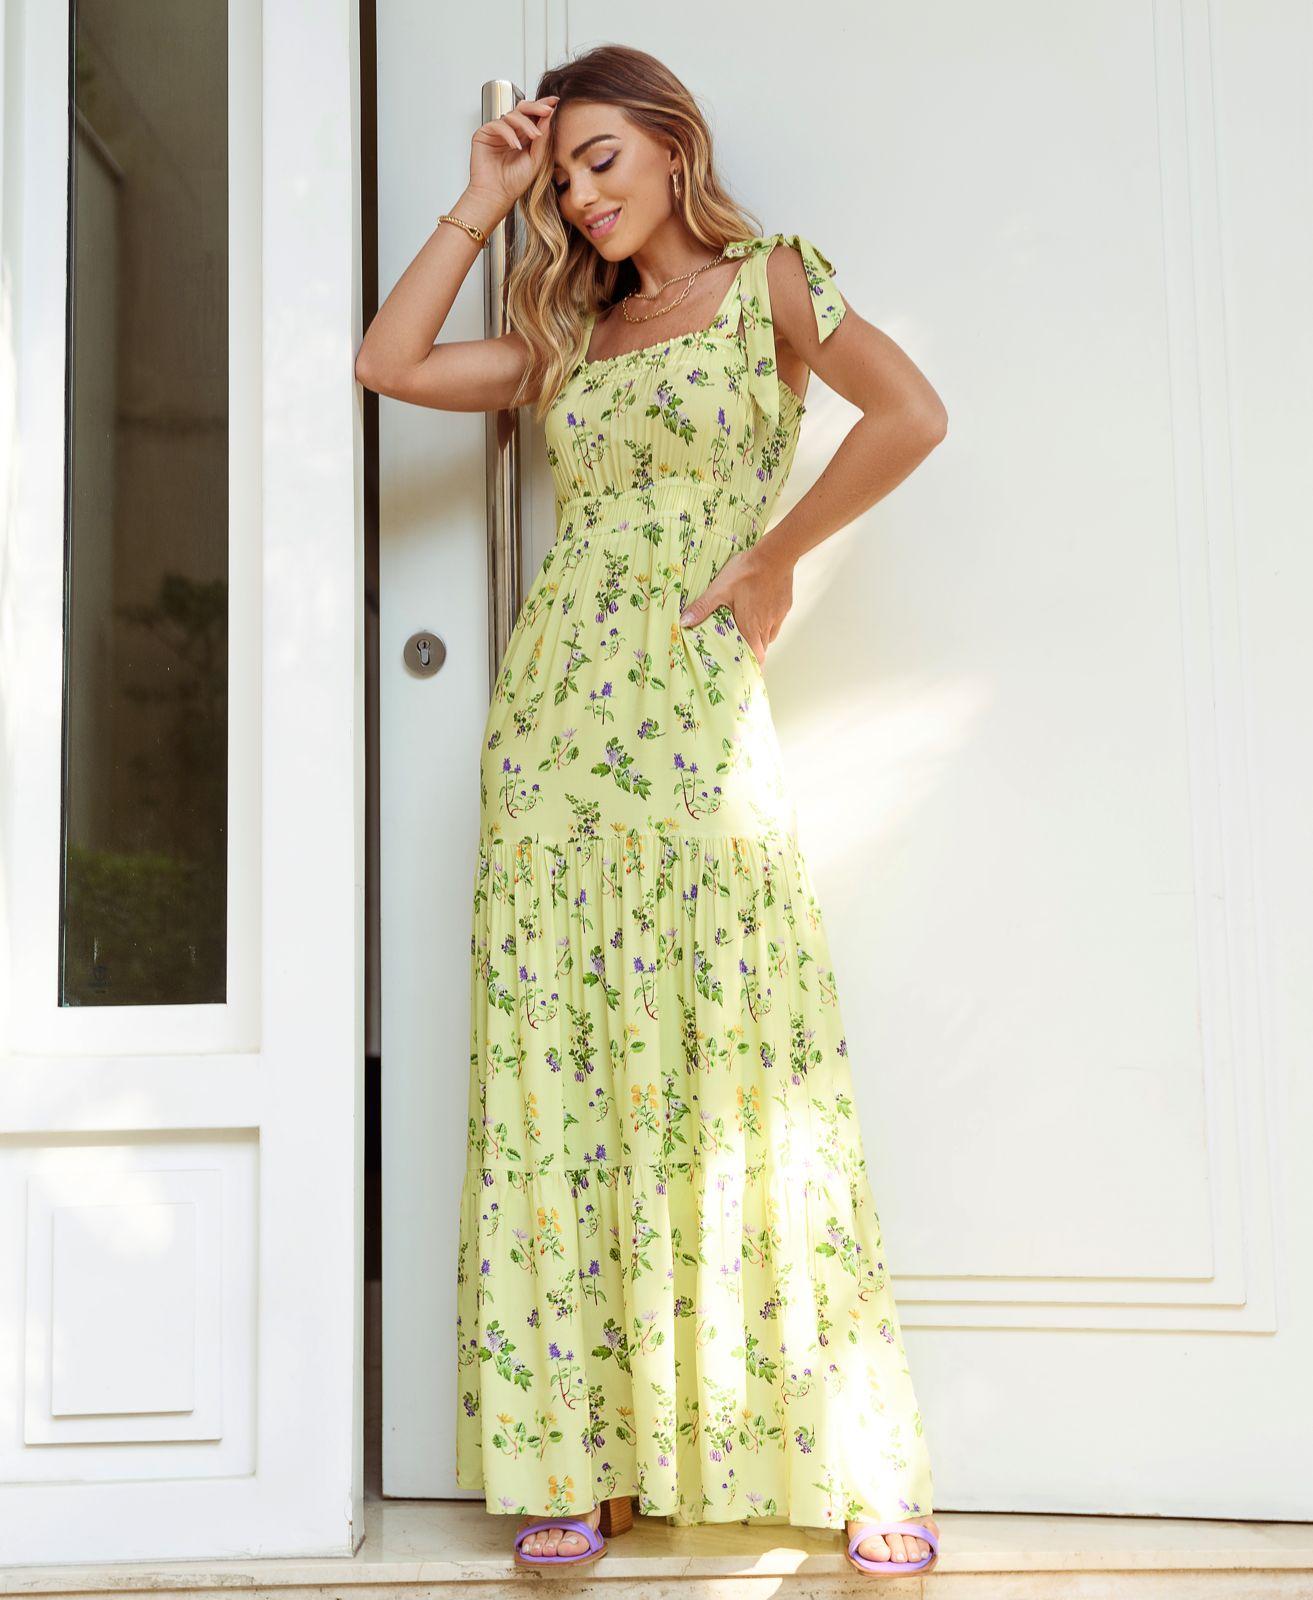 Vestido Vivian Viscose Floral (Forro) Detalhe Amarração Alça Babados Barra